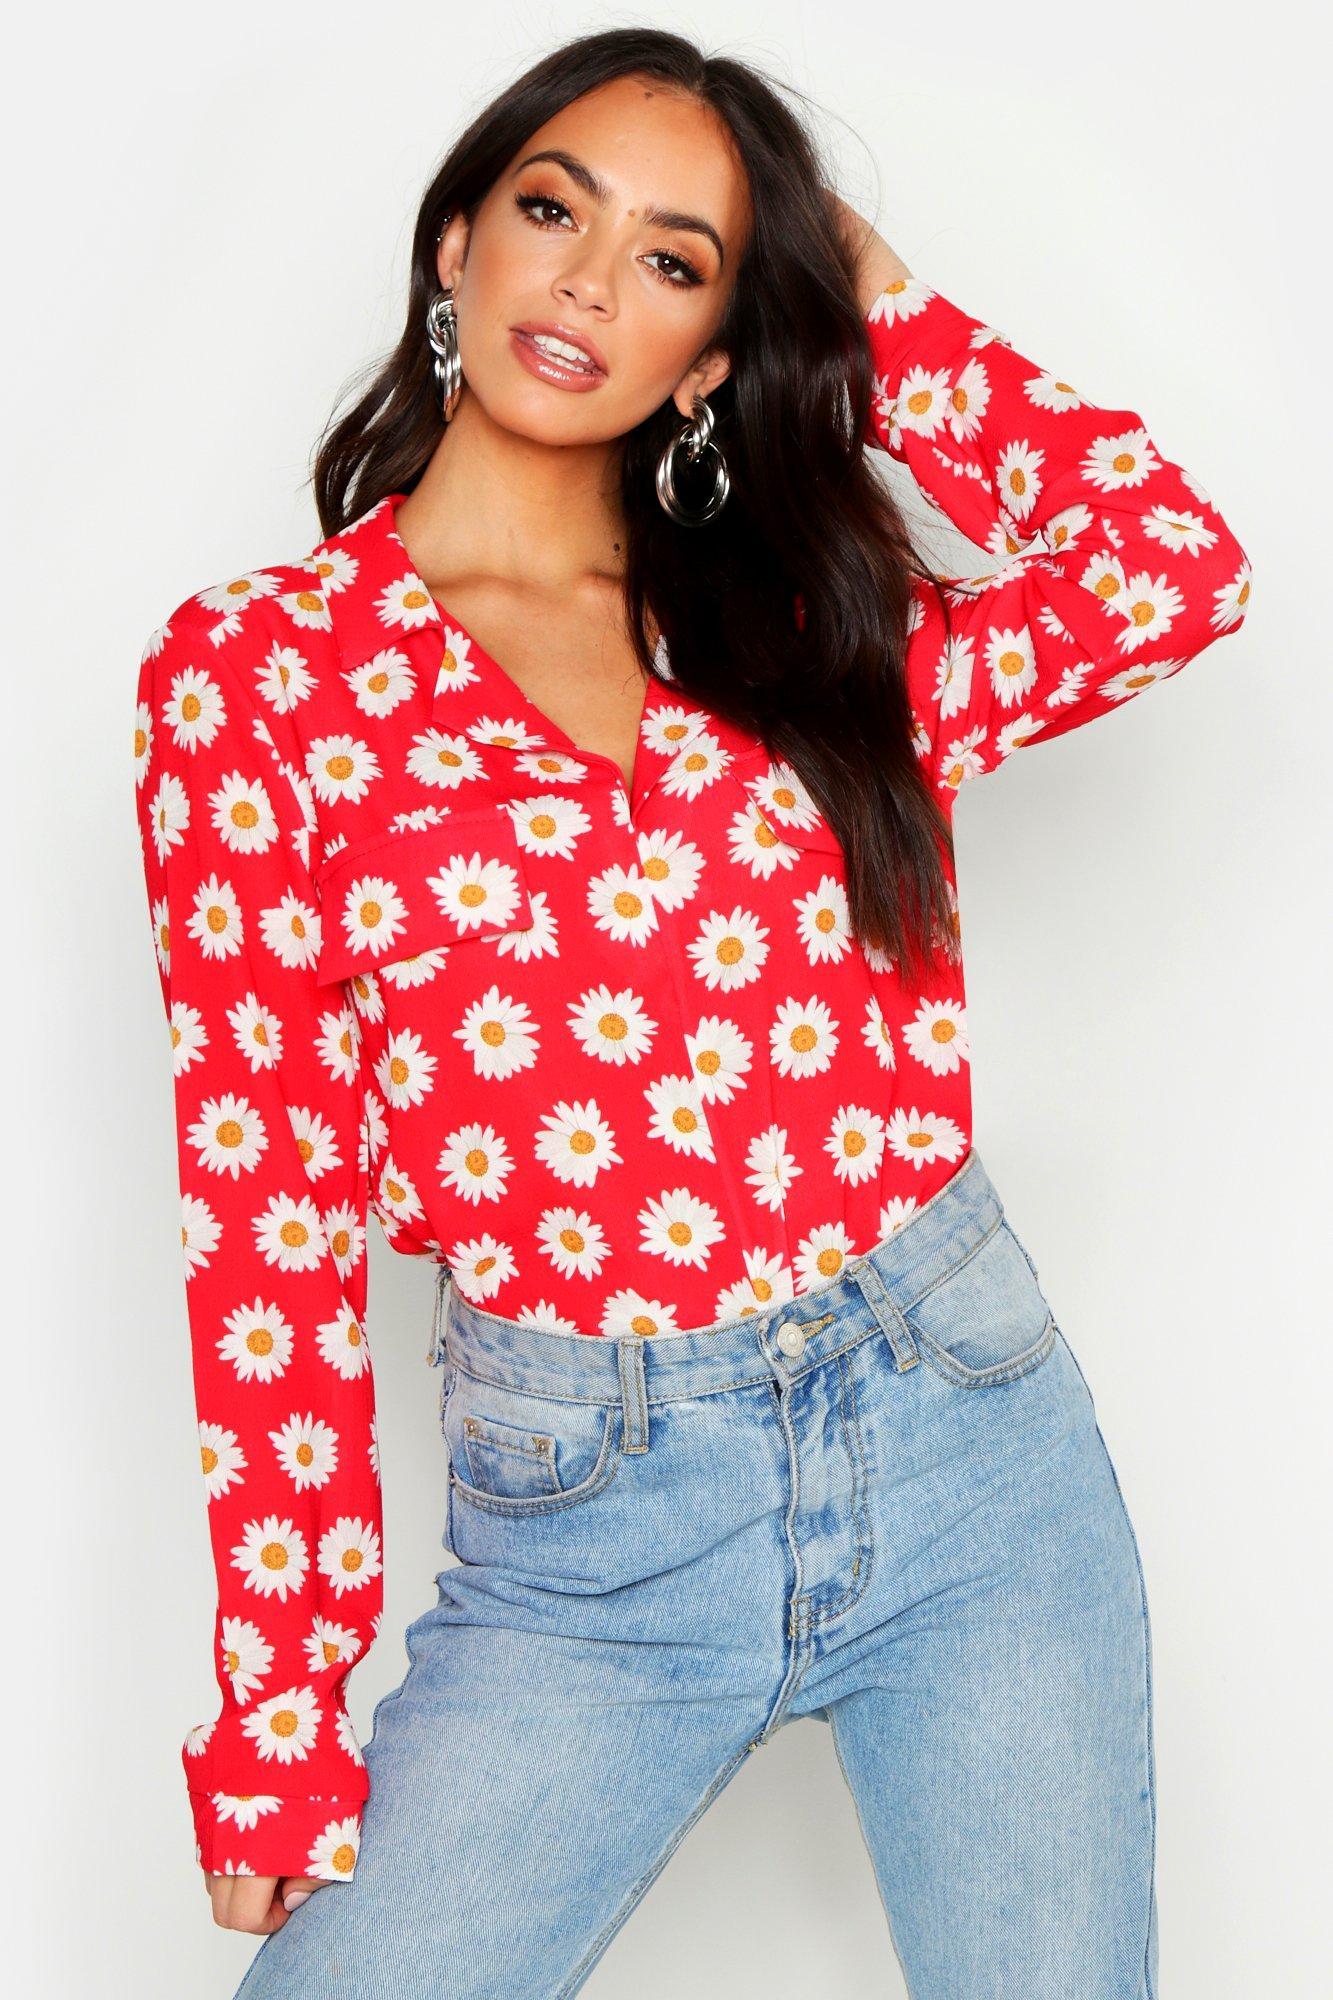 Womens Anzug mit Utility-Tasche und Blumen-Print - rot - 34, Rot - Boohoo.com